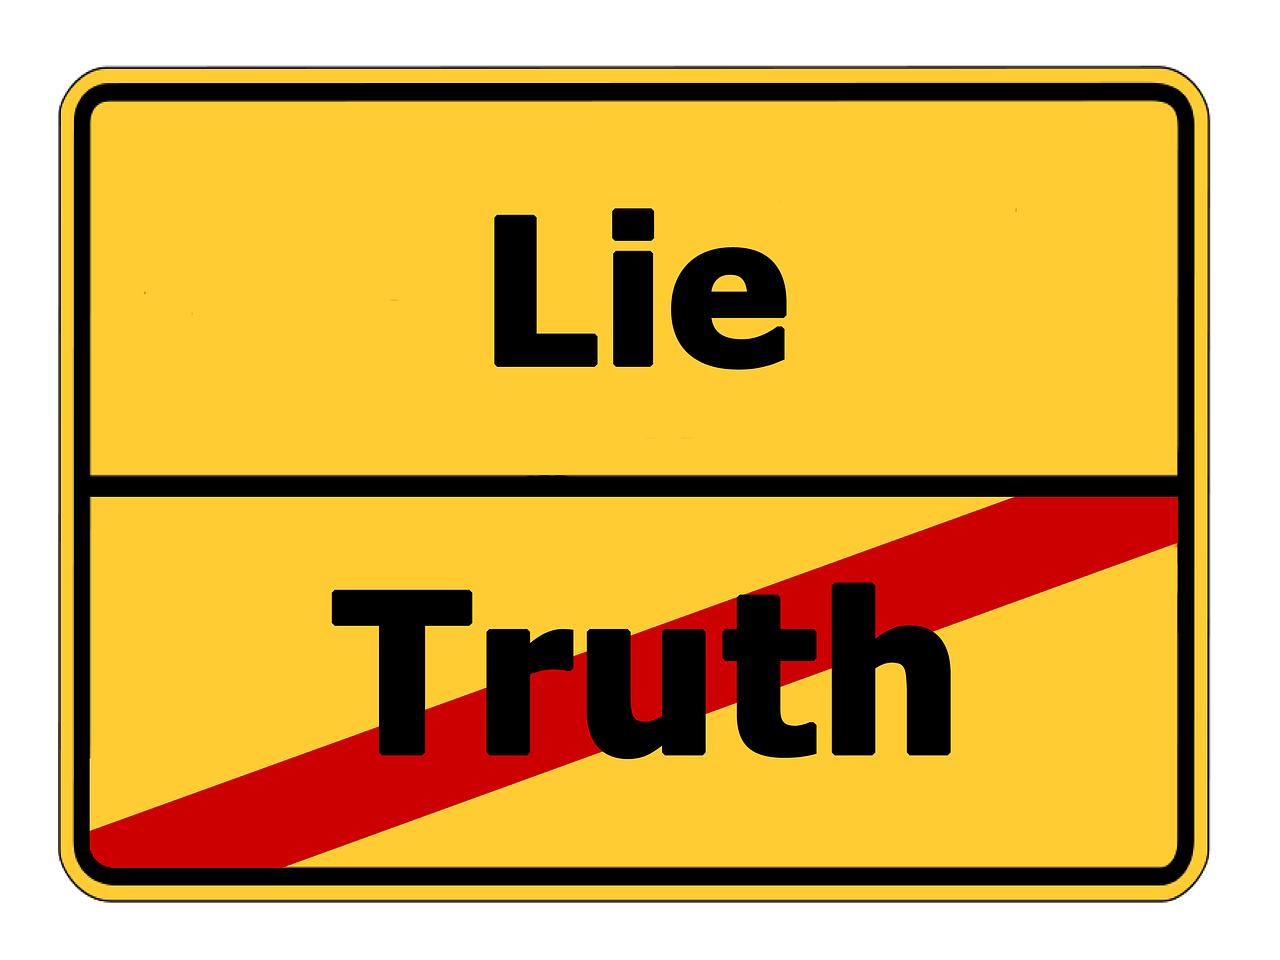 嘘を付ける状況においての「正しく申告してください」はまったく意味をなさない